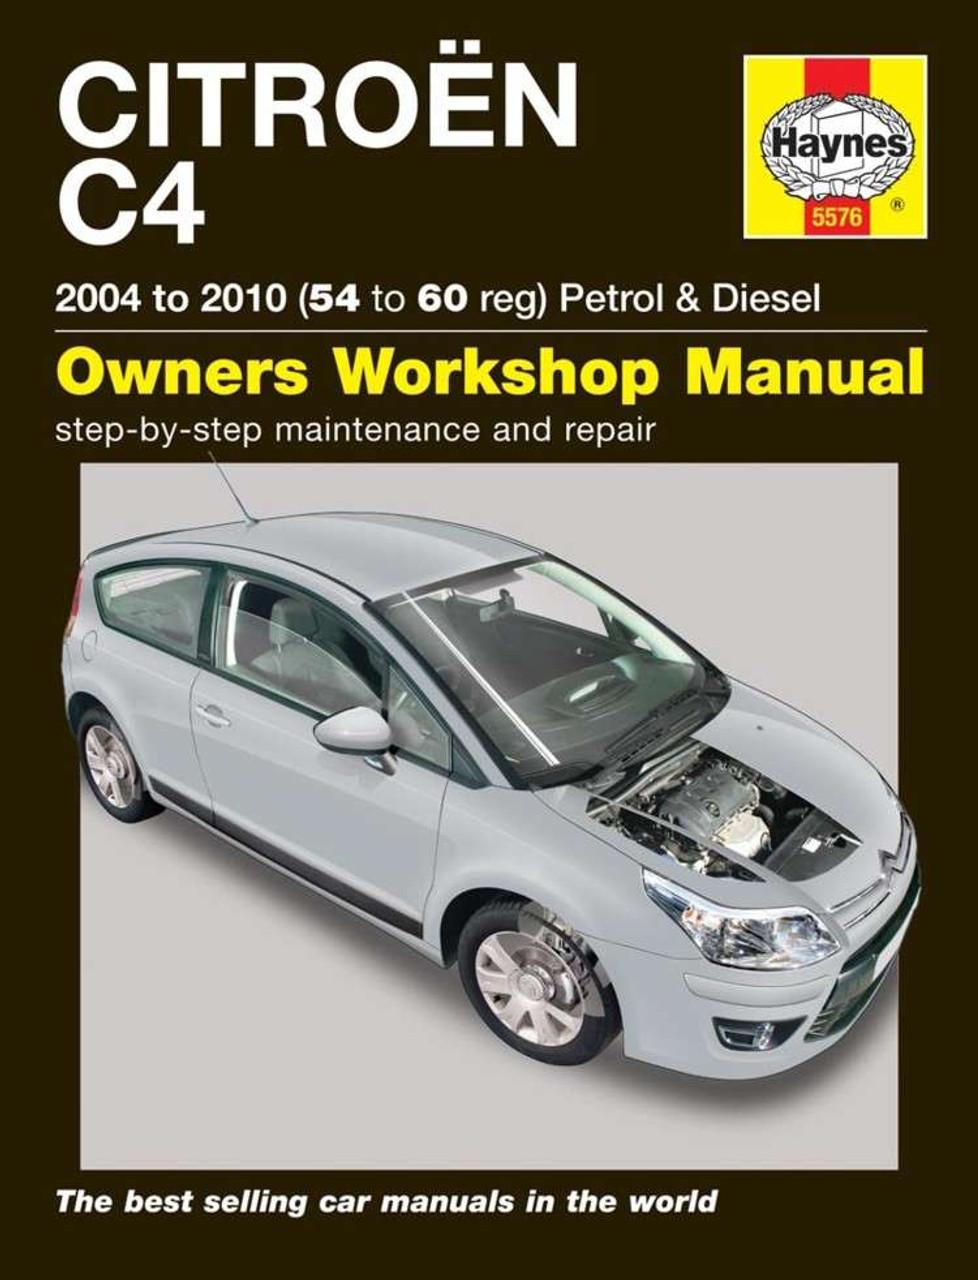 citroen c4 petrol diesel 2004 2010 workshop manual rh automotobookshop com au manual citroen c4 picasso 2008 francais citroen c4 picasso manuel